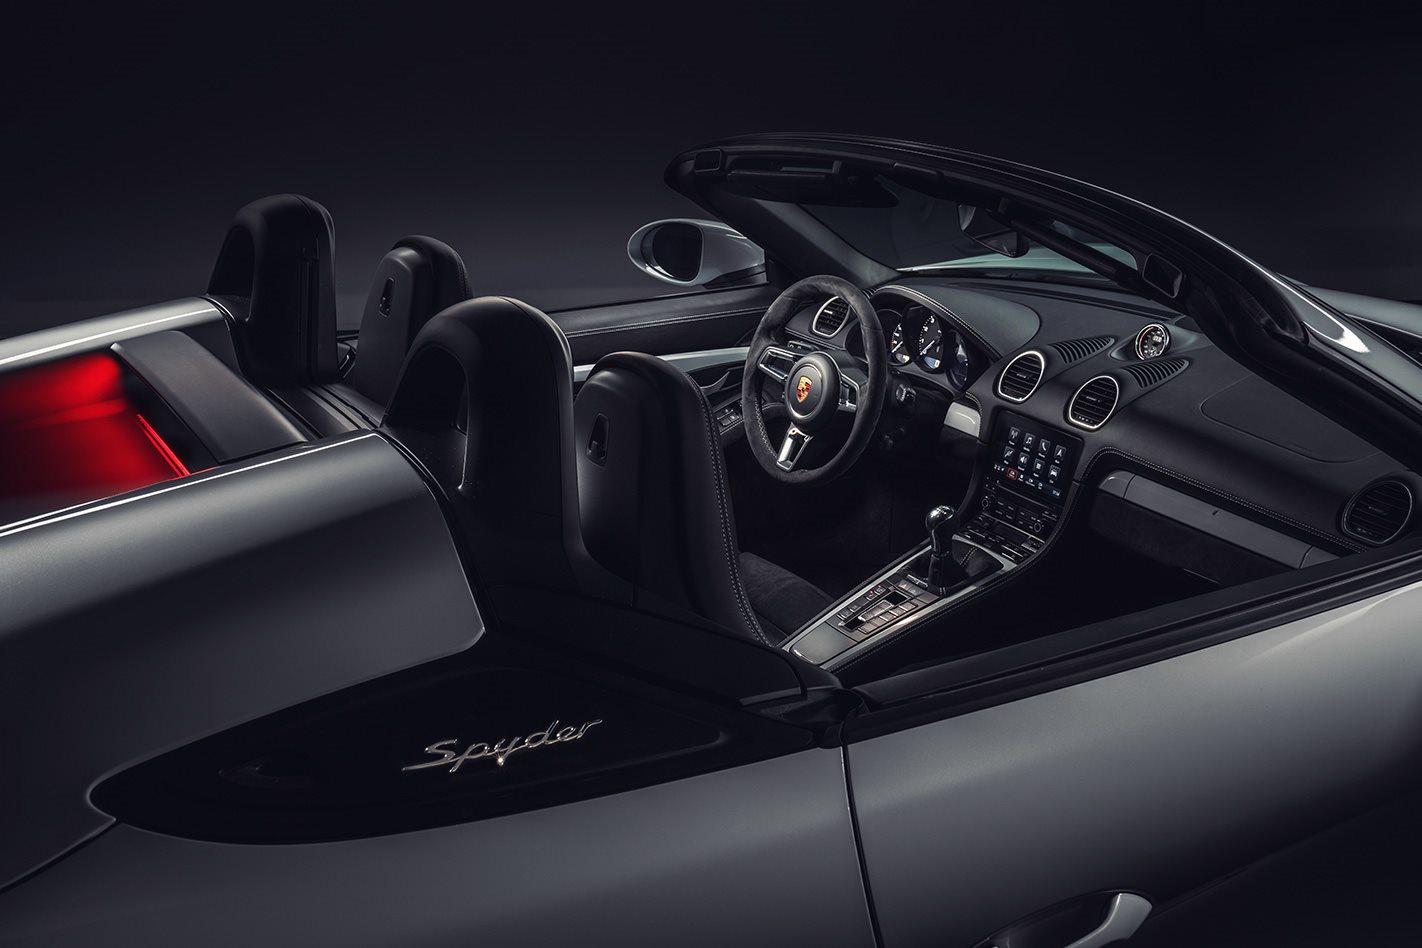 Porsche Boxster Spyder gains 4 0-litre muscle